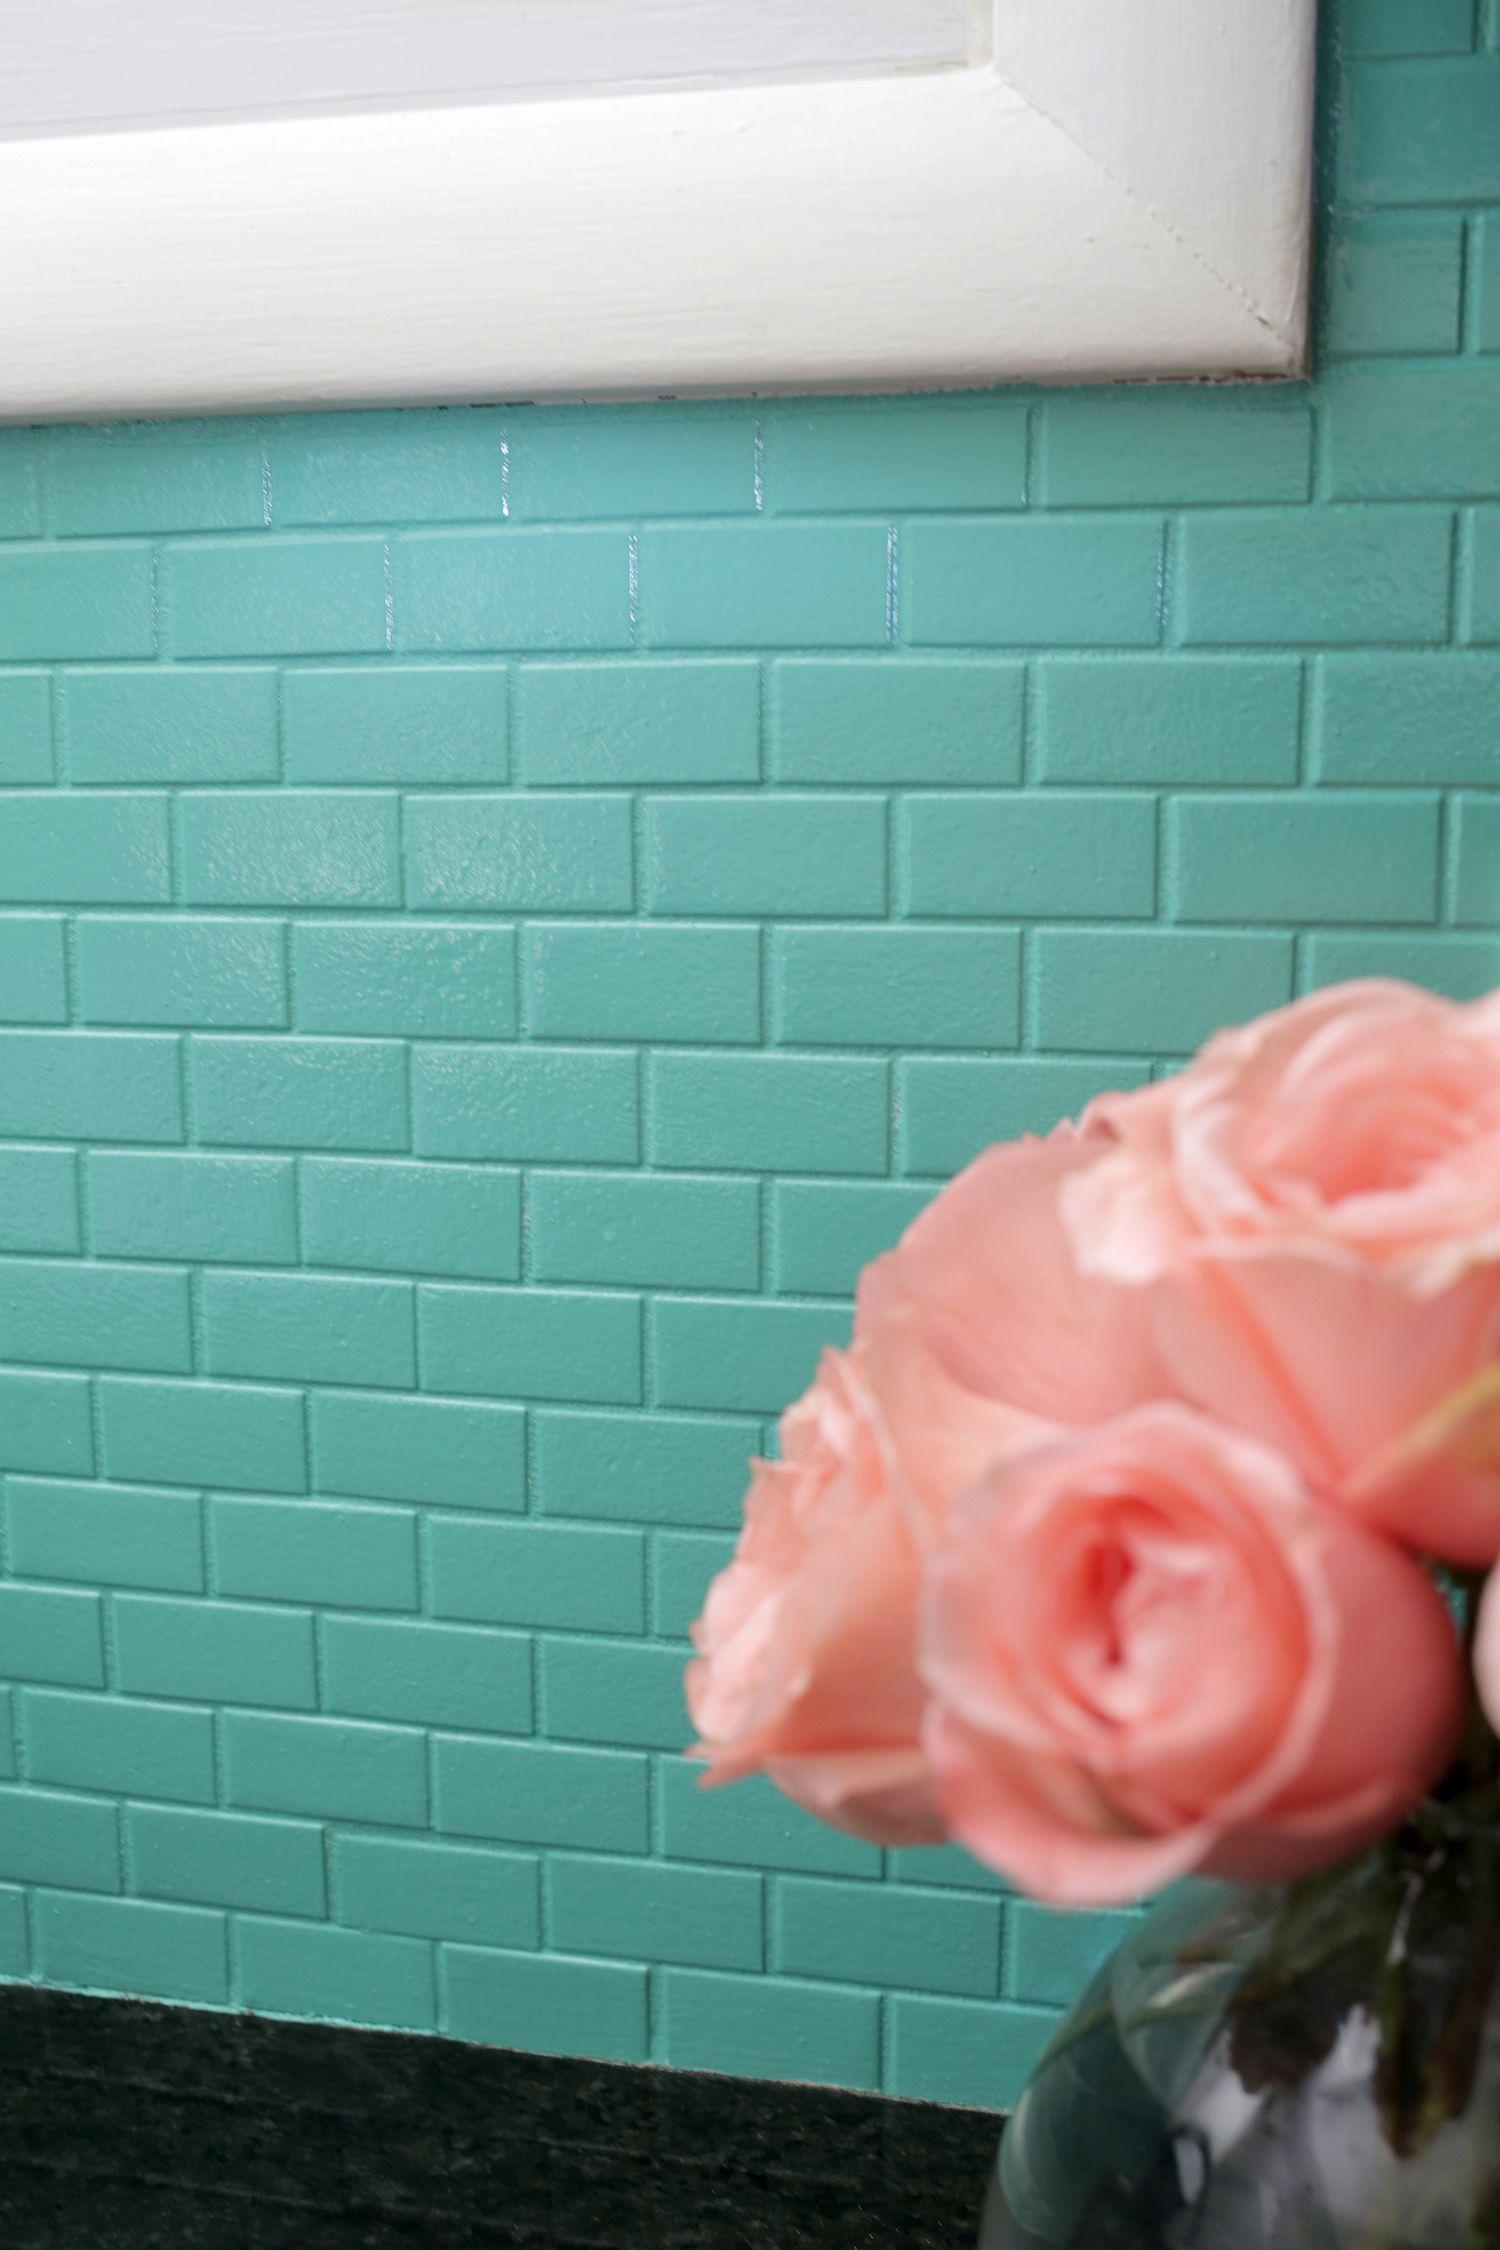 How to Paint a Tile Backsplash | #PaintTiles Ideas | Pinterest | House